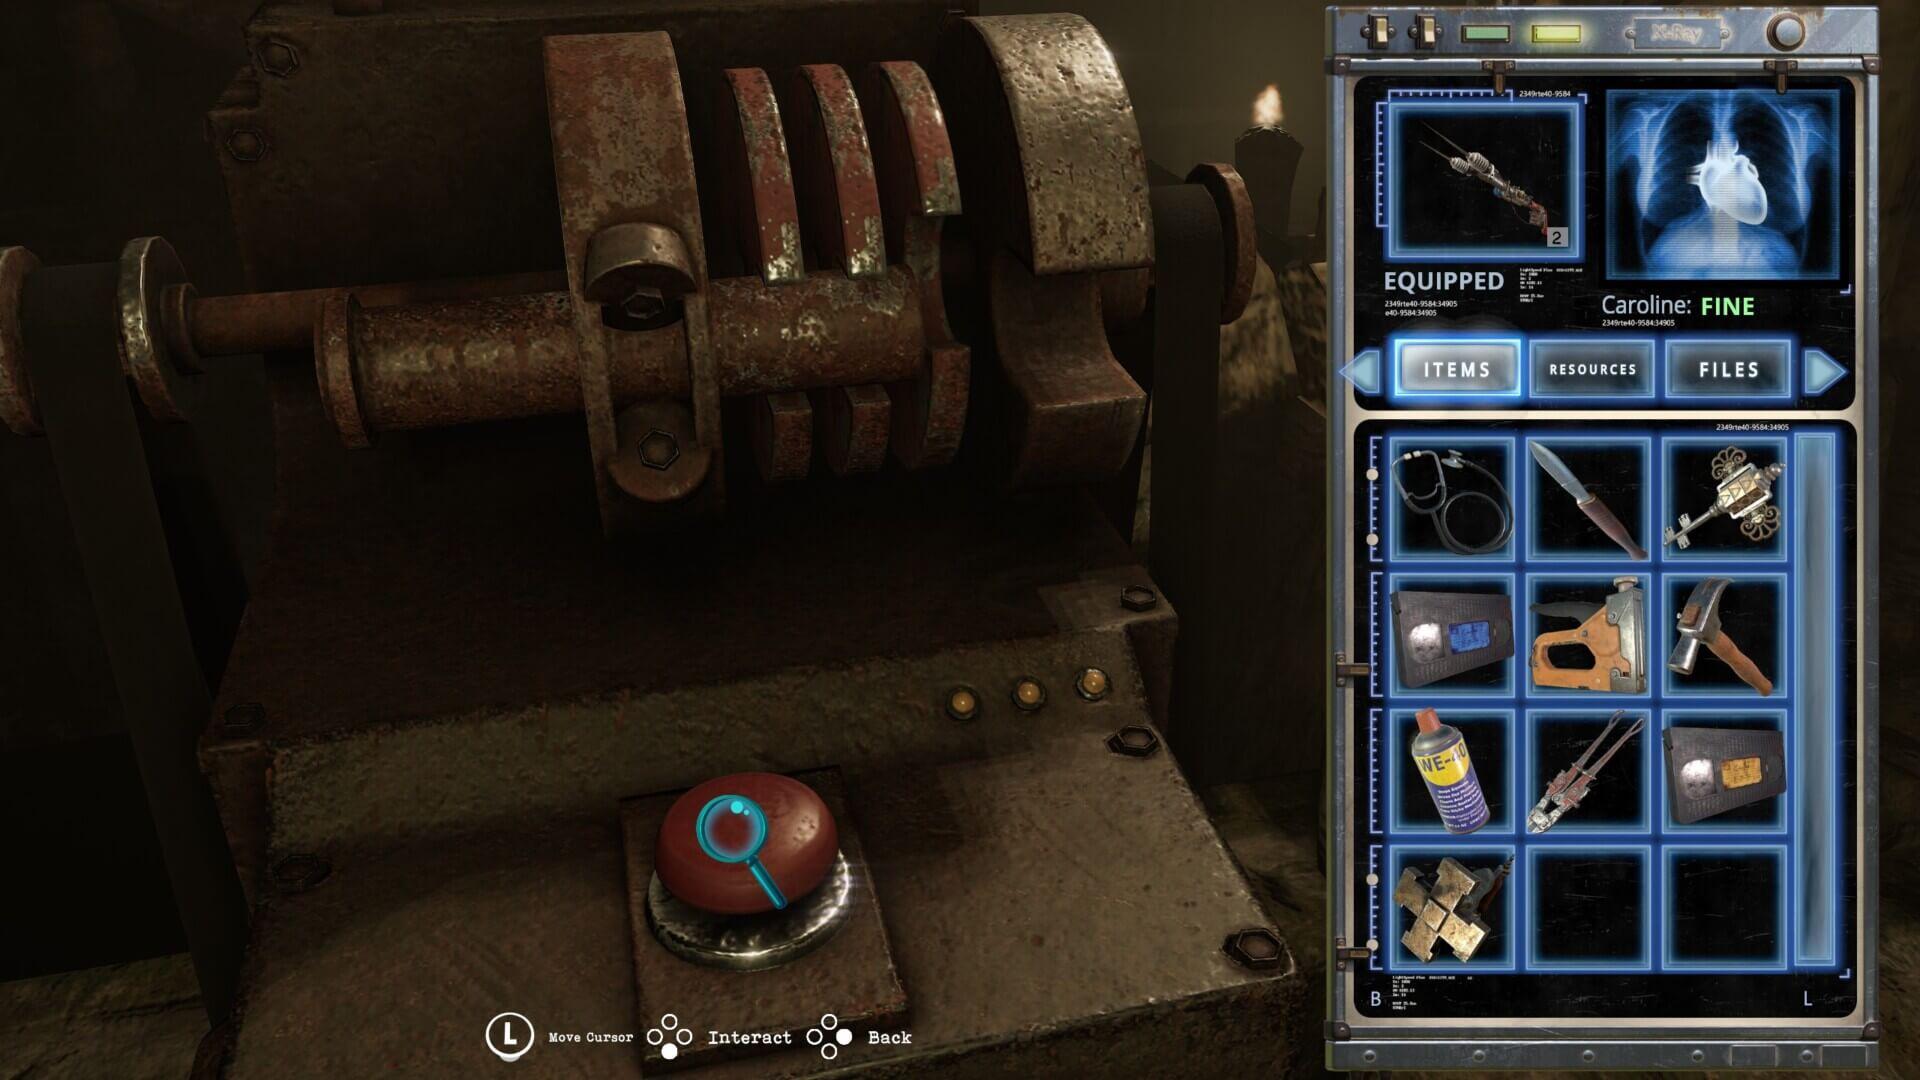 L'inventario di Tormented Souls, con la schermata di interazione con gli oggetti.